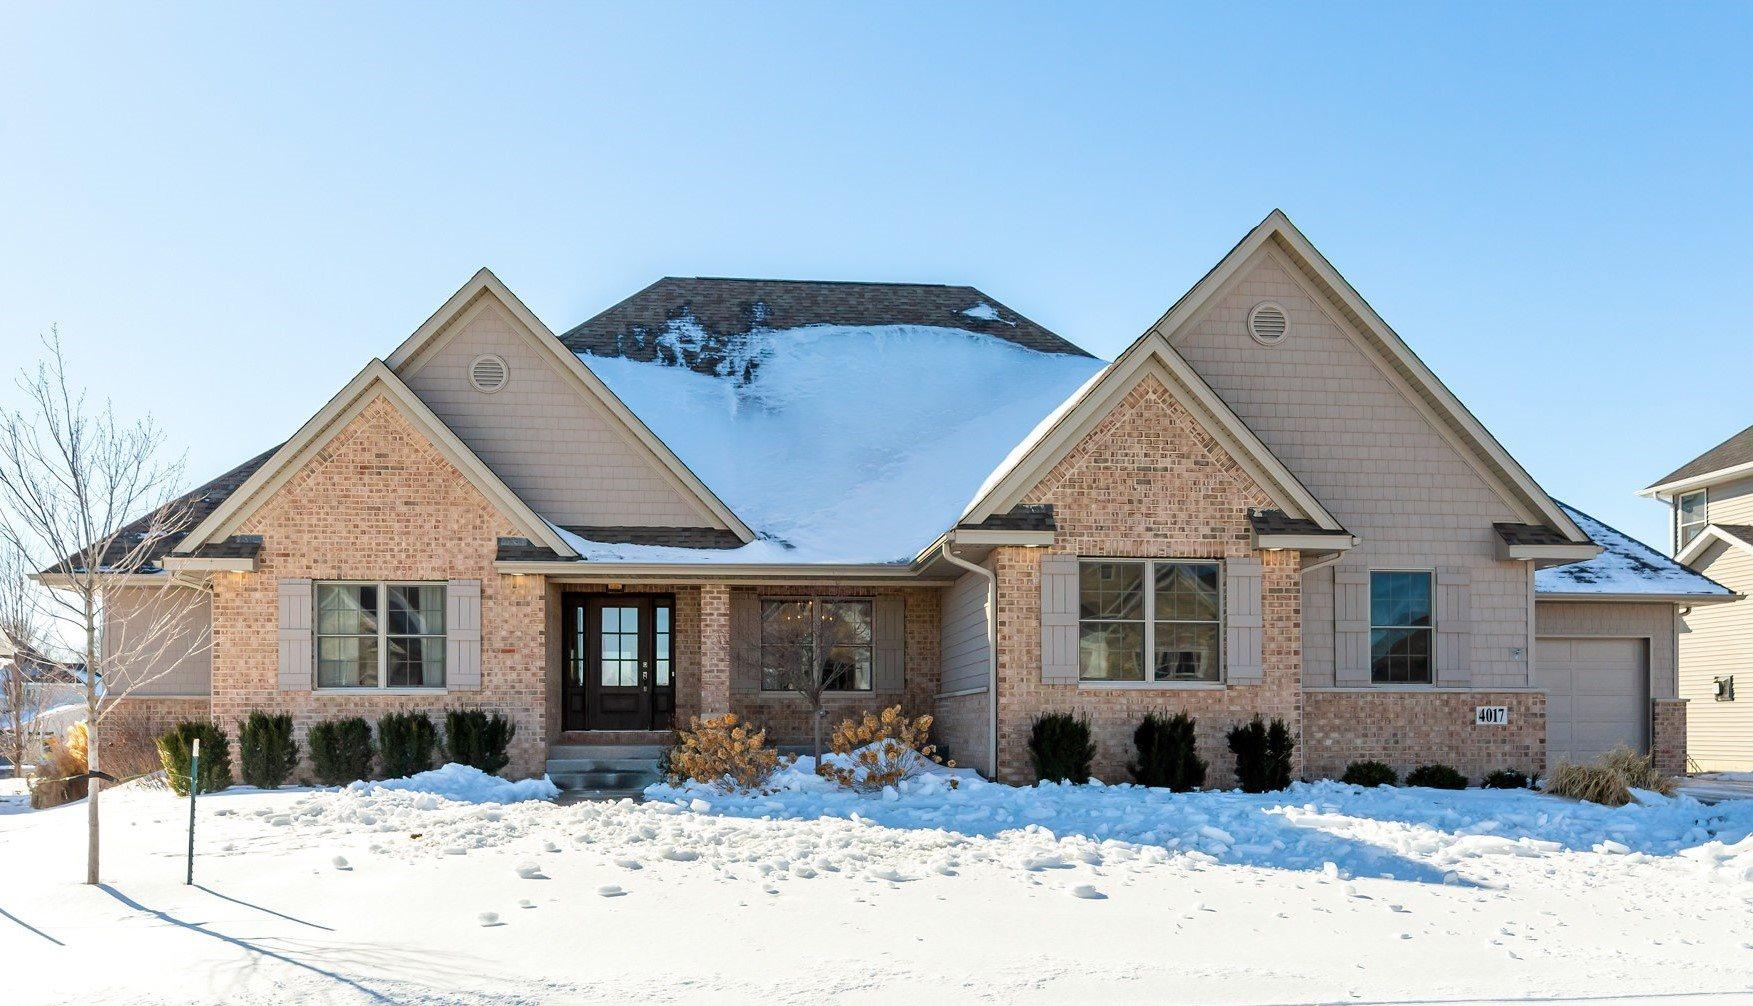 4017 Thomas Pointe Property Photo